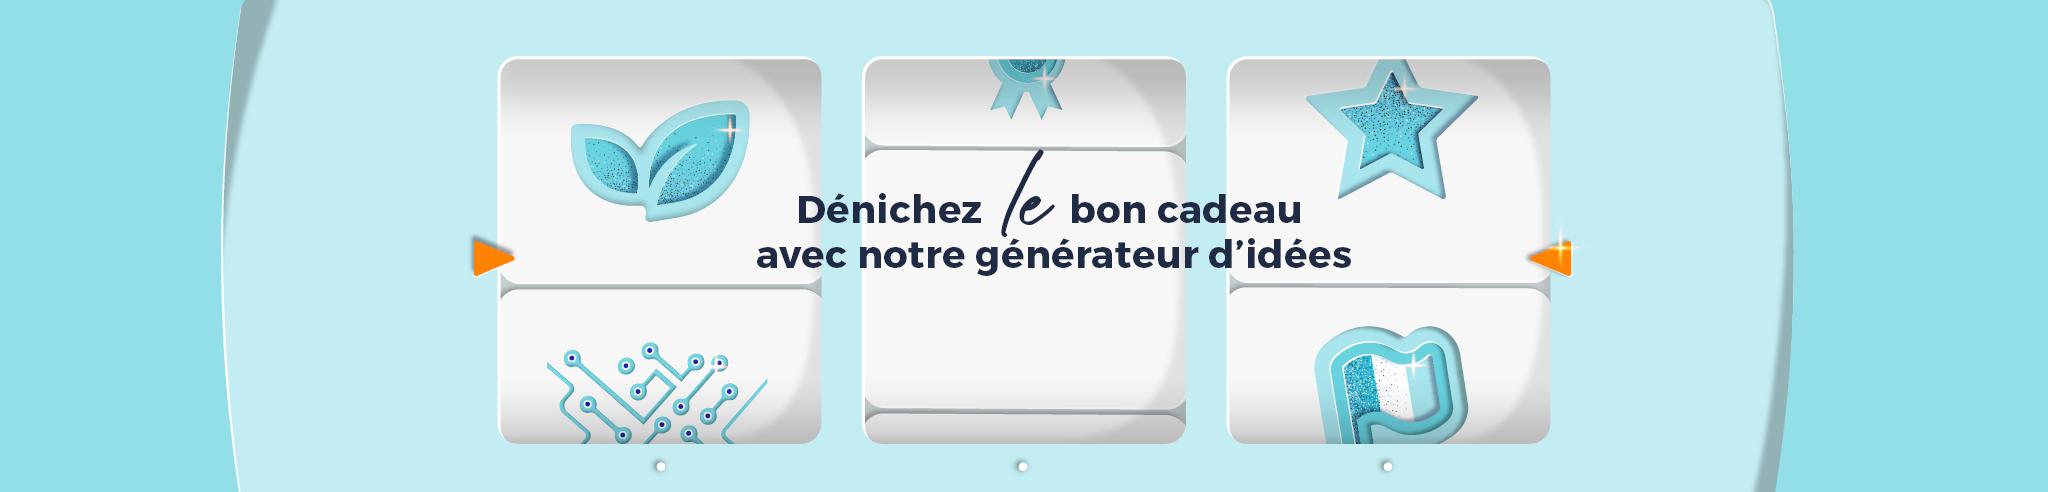 image page accueil desktop generateurs idées